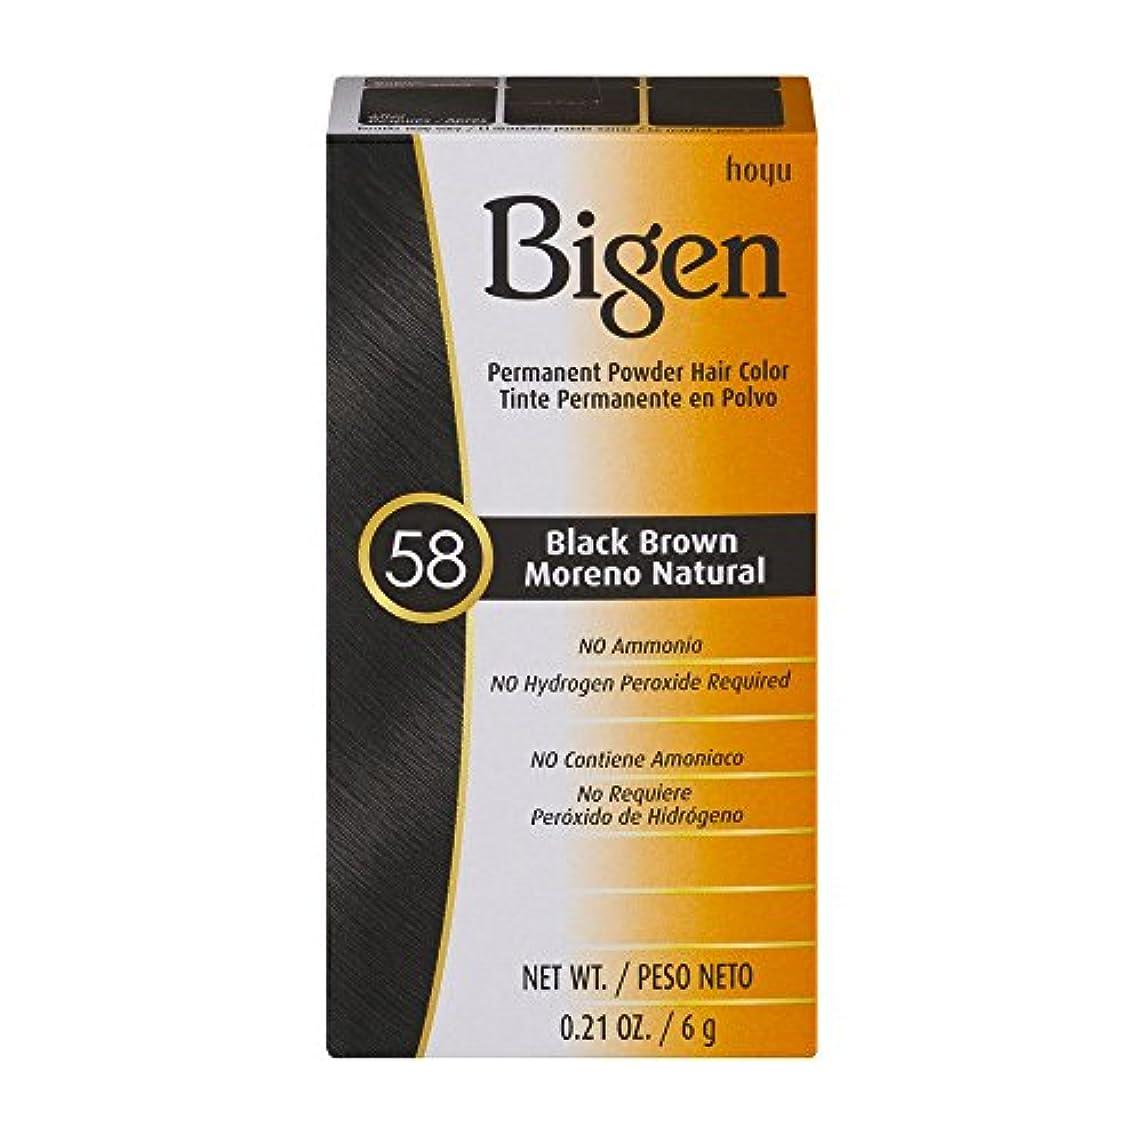 アクチュエータ所得ジョージバーナードBigen パウダーヘアカラー#58ブラックブラウン0.21Oz(3パック) 0.21オンス(3パック) 黒褐色